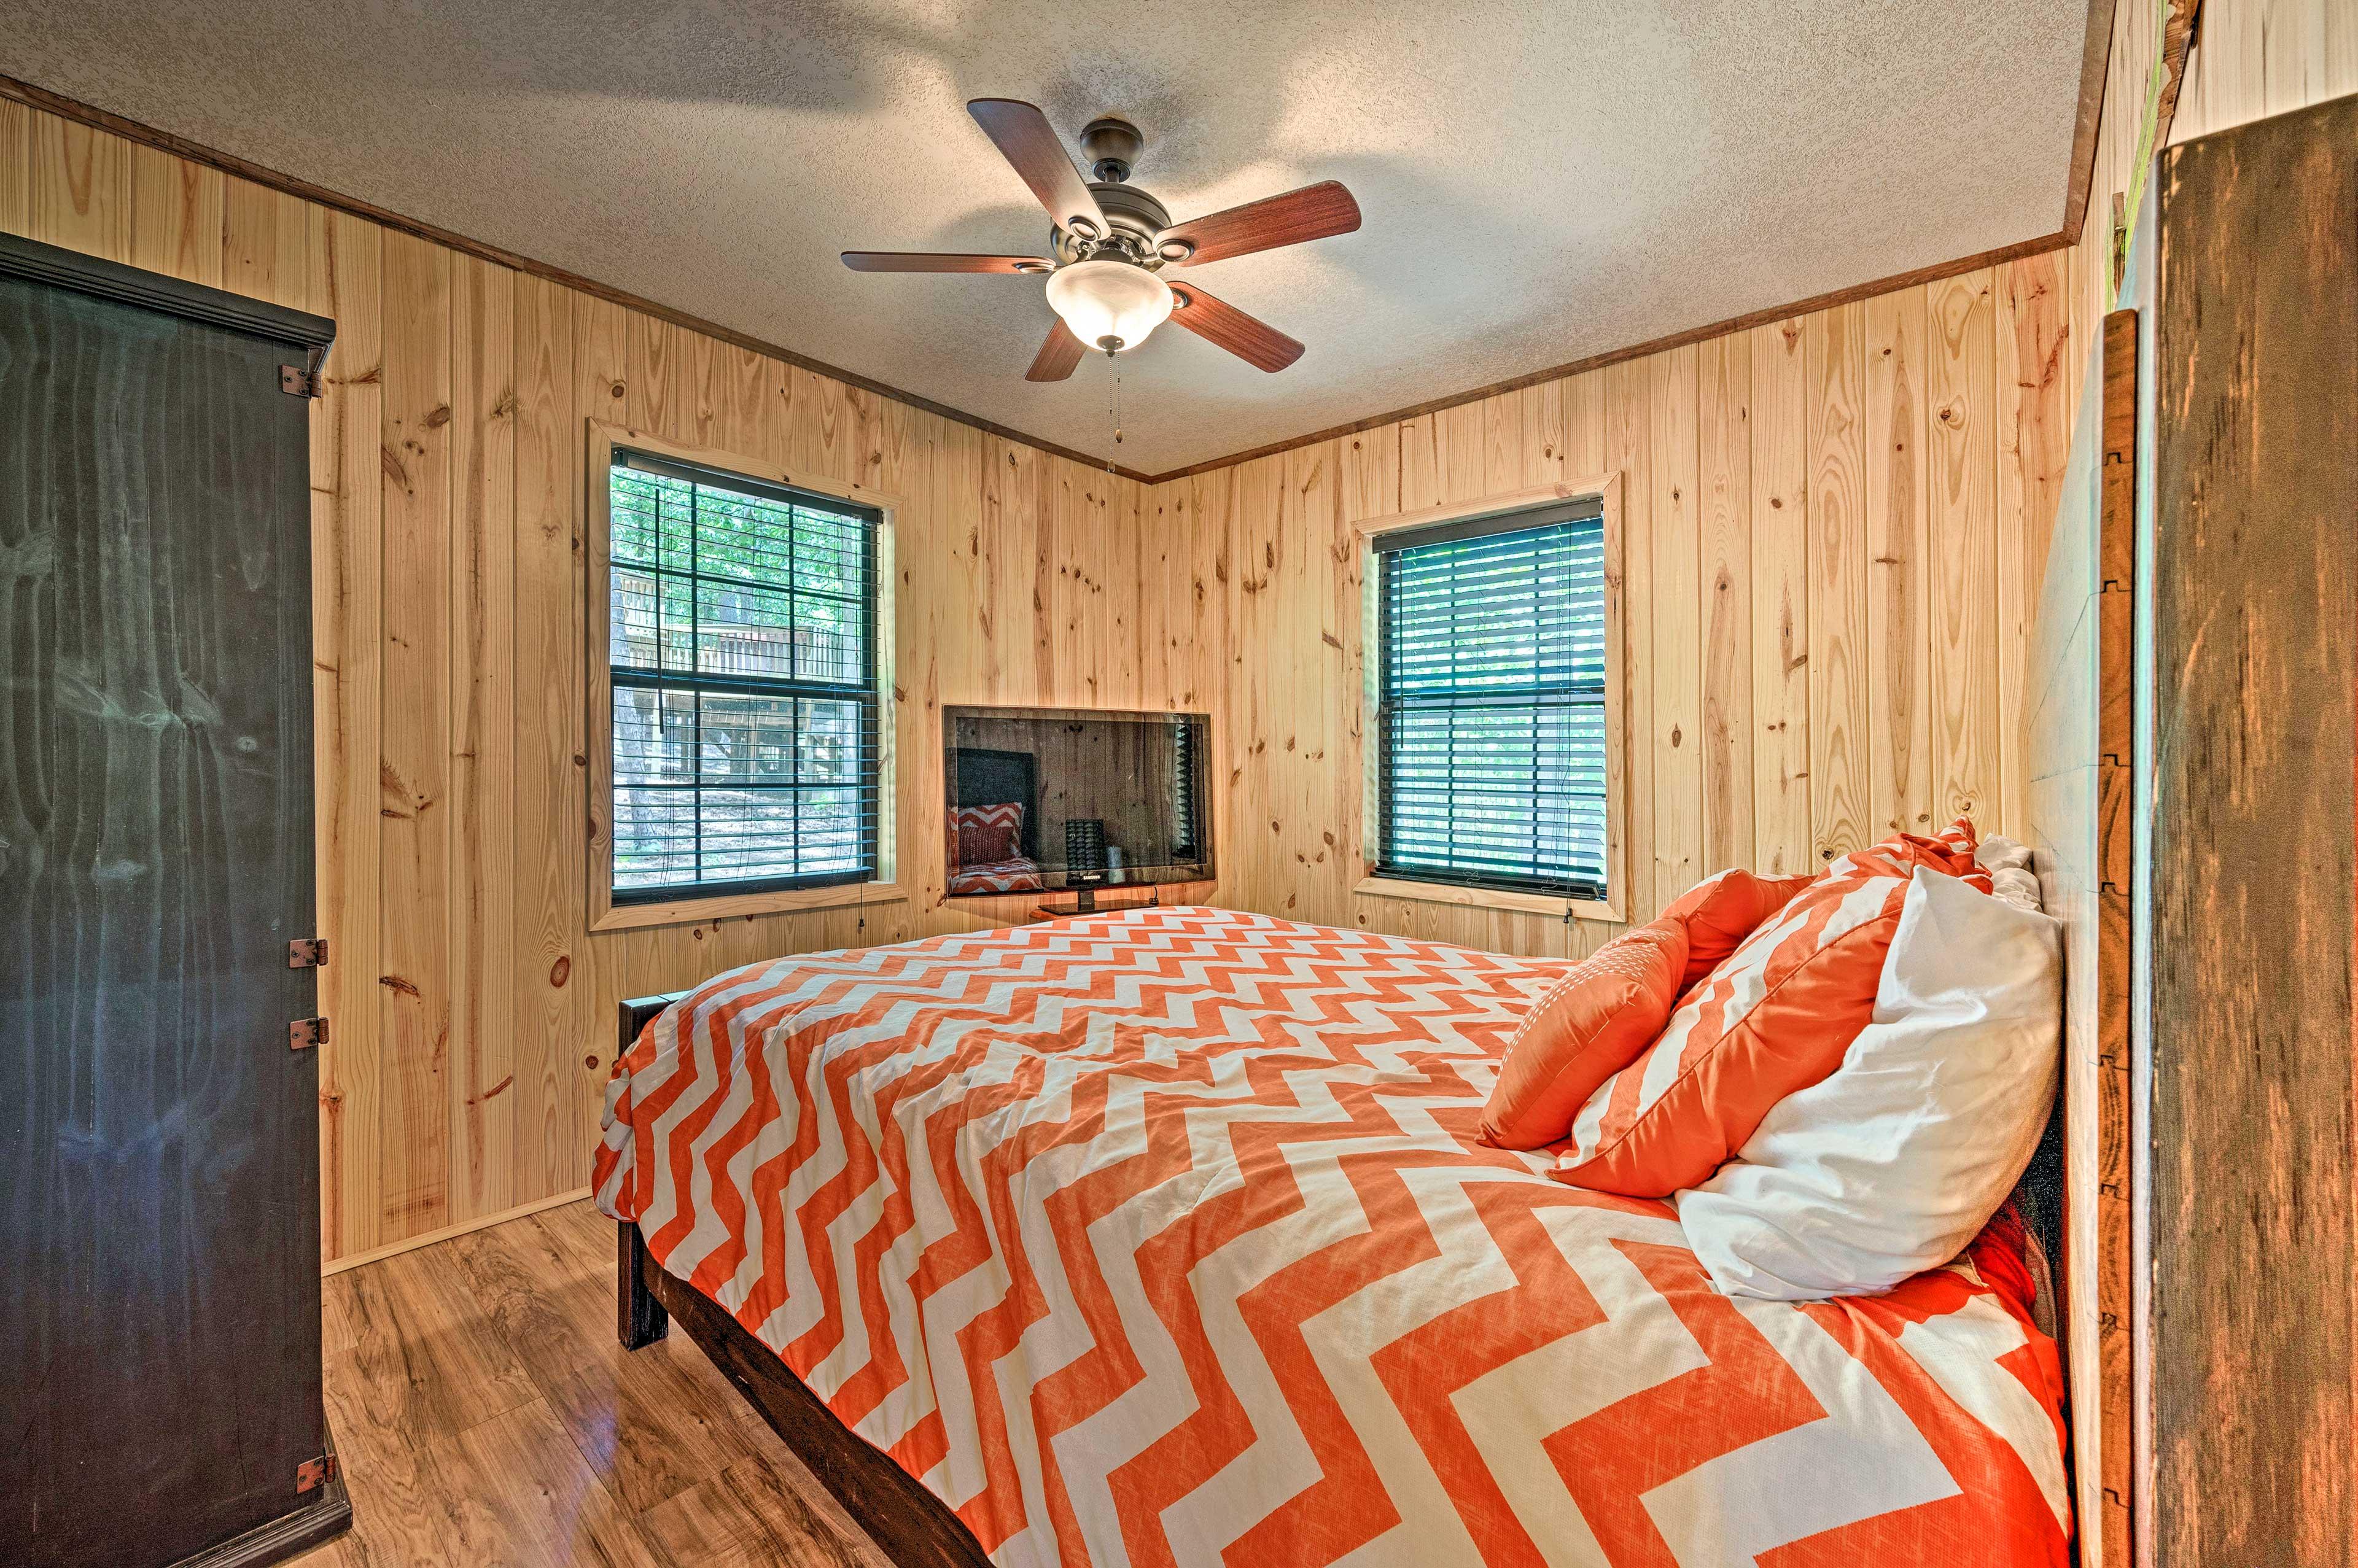 Both bedrooms feature queen beds.